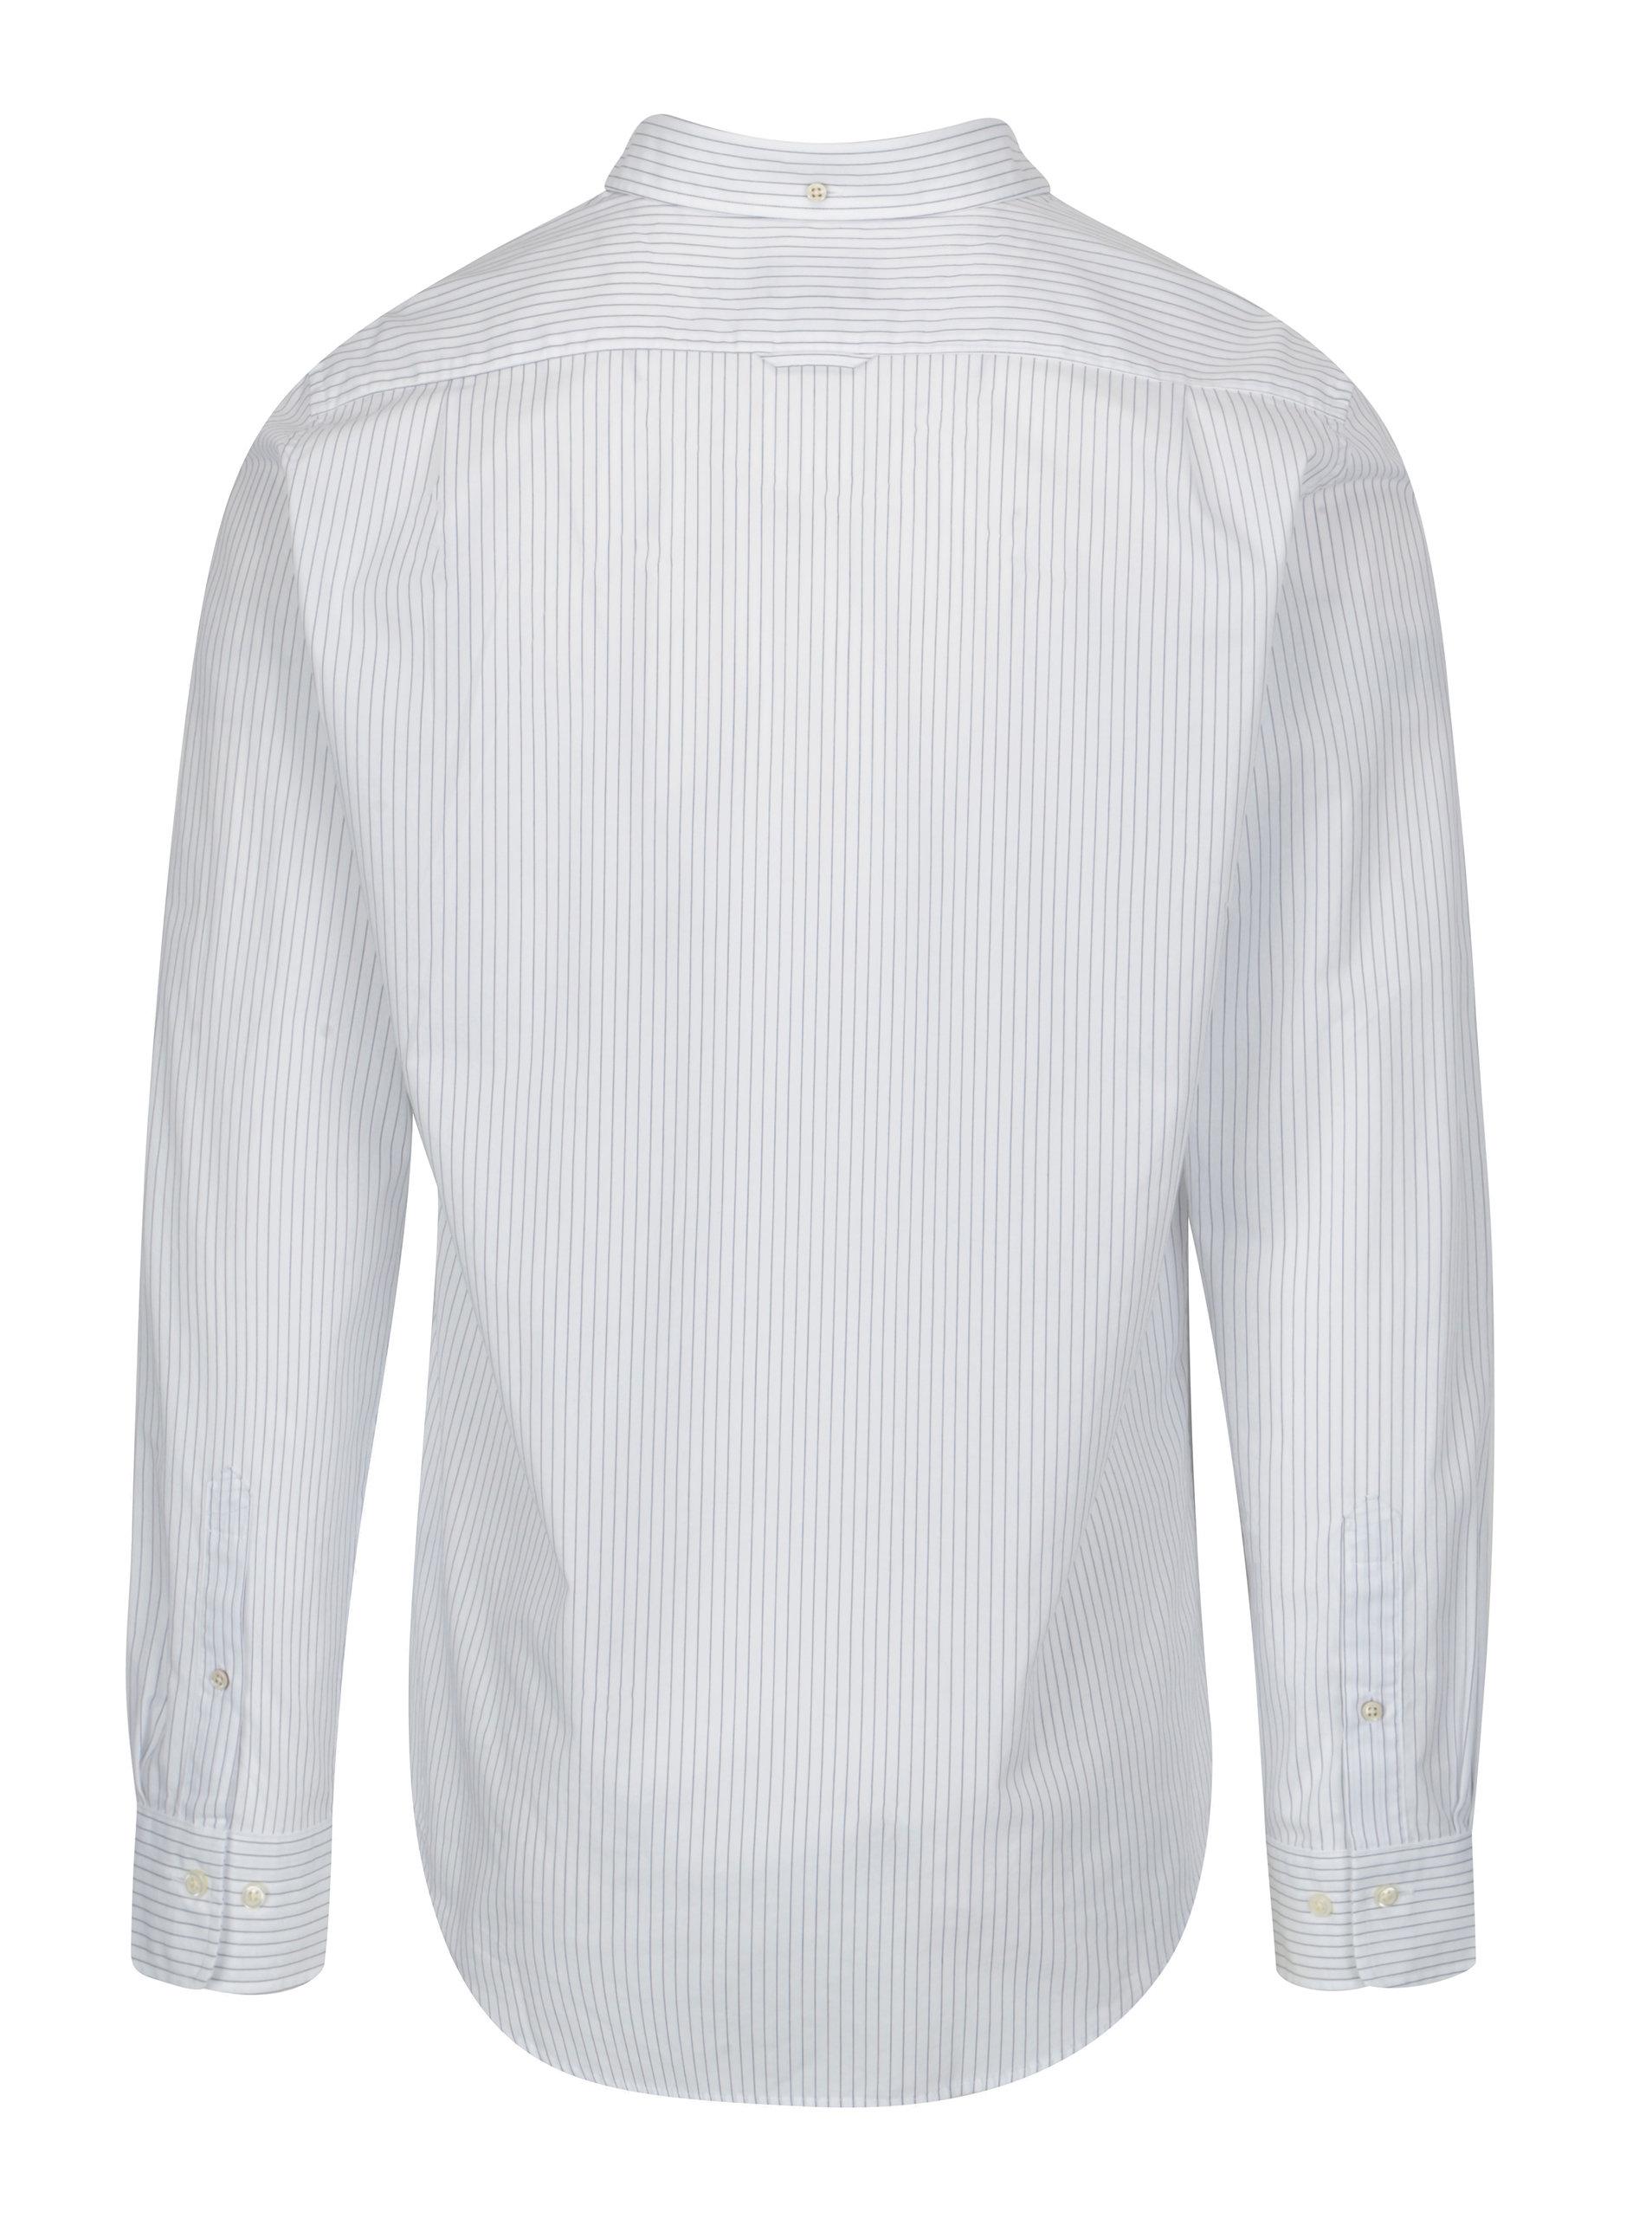 Bílá pruhovaná pánská slim košile GANT Bílá pruhovaná pánská slim košile  GANT ... b065aac652